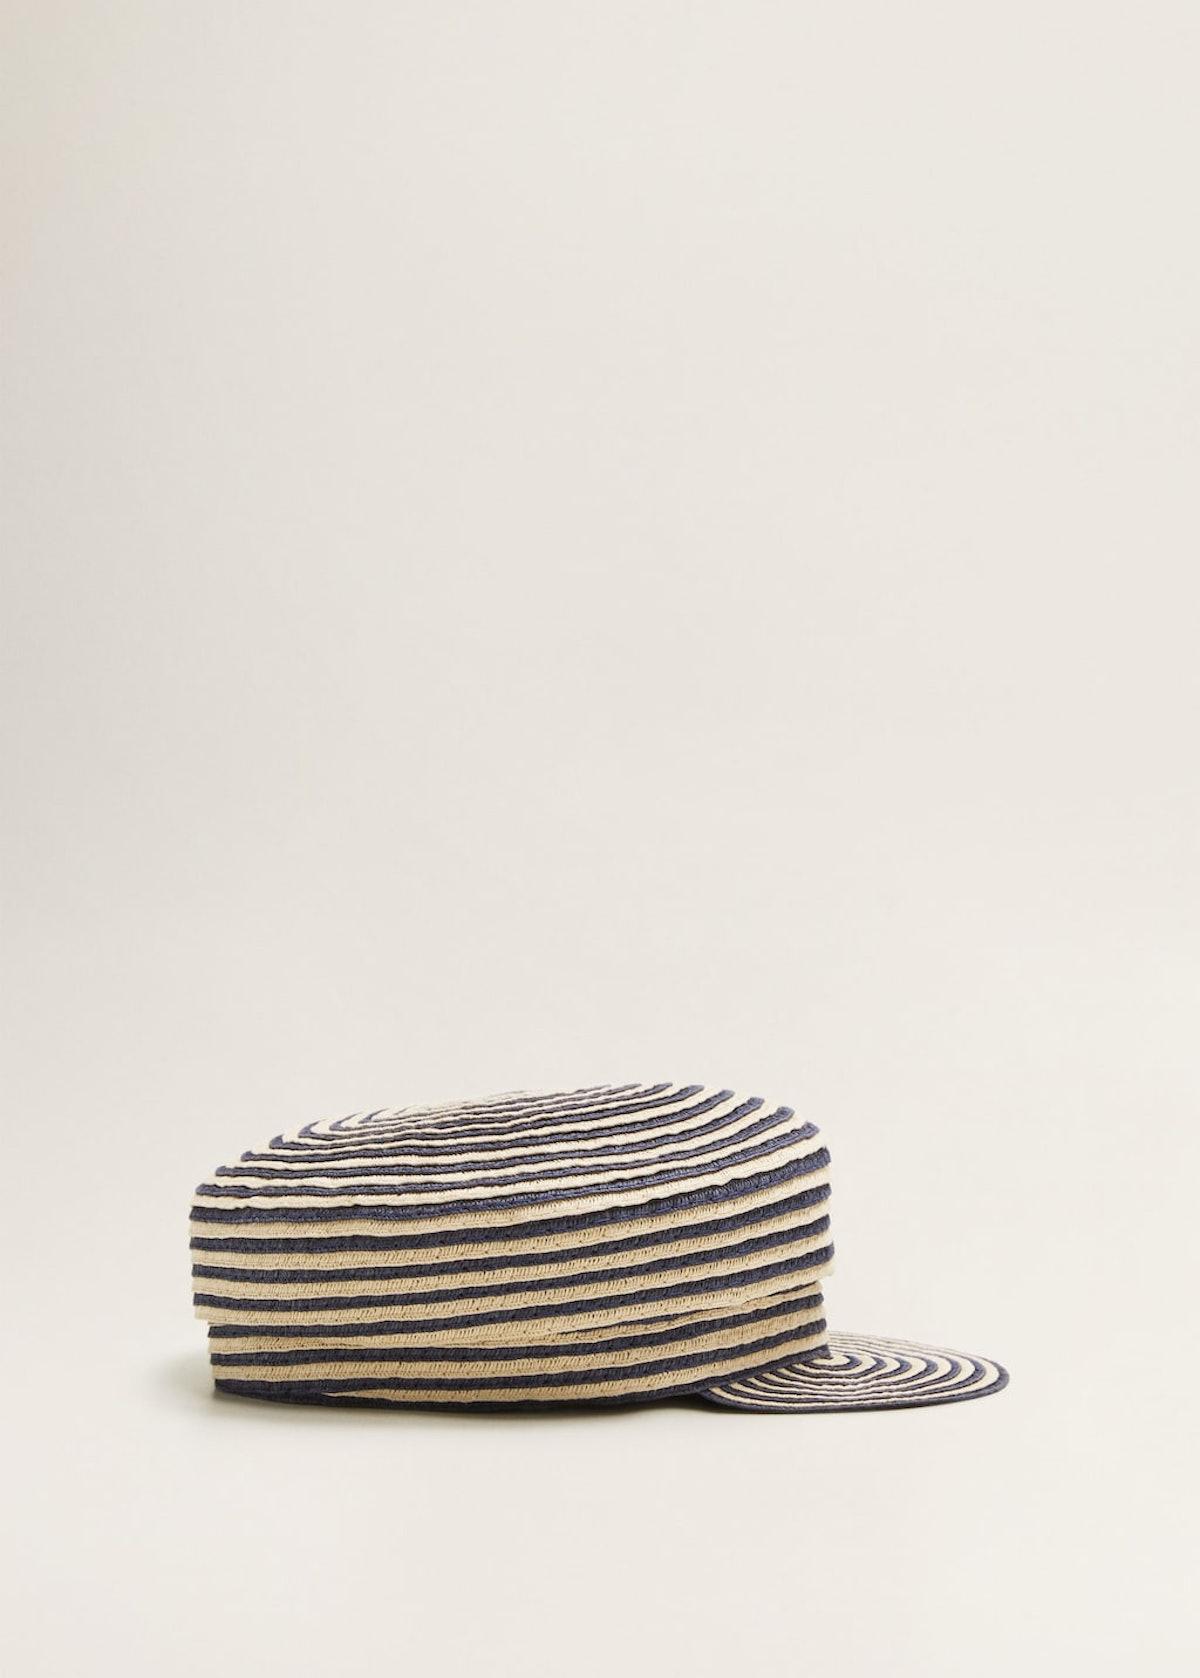 Bicolor braided cap